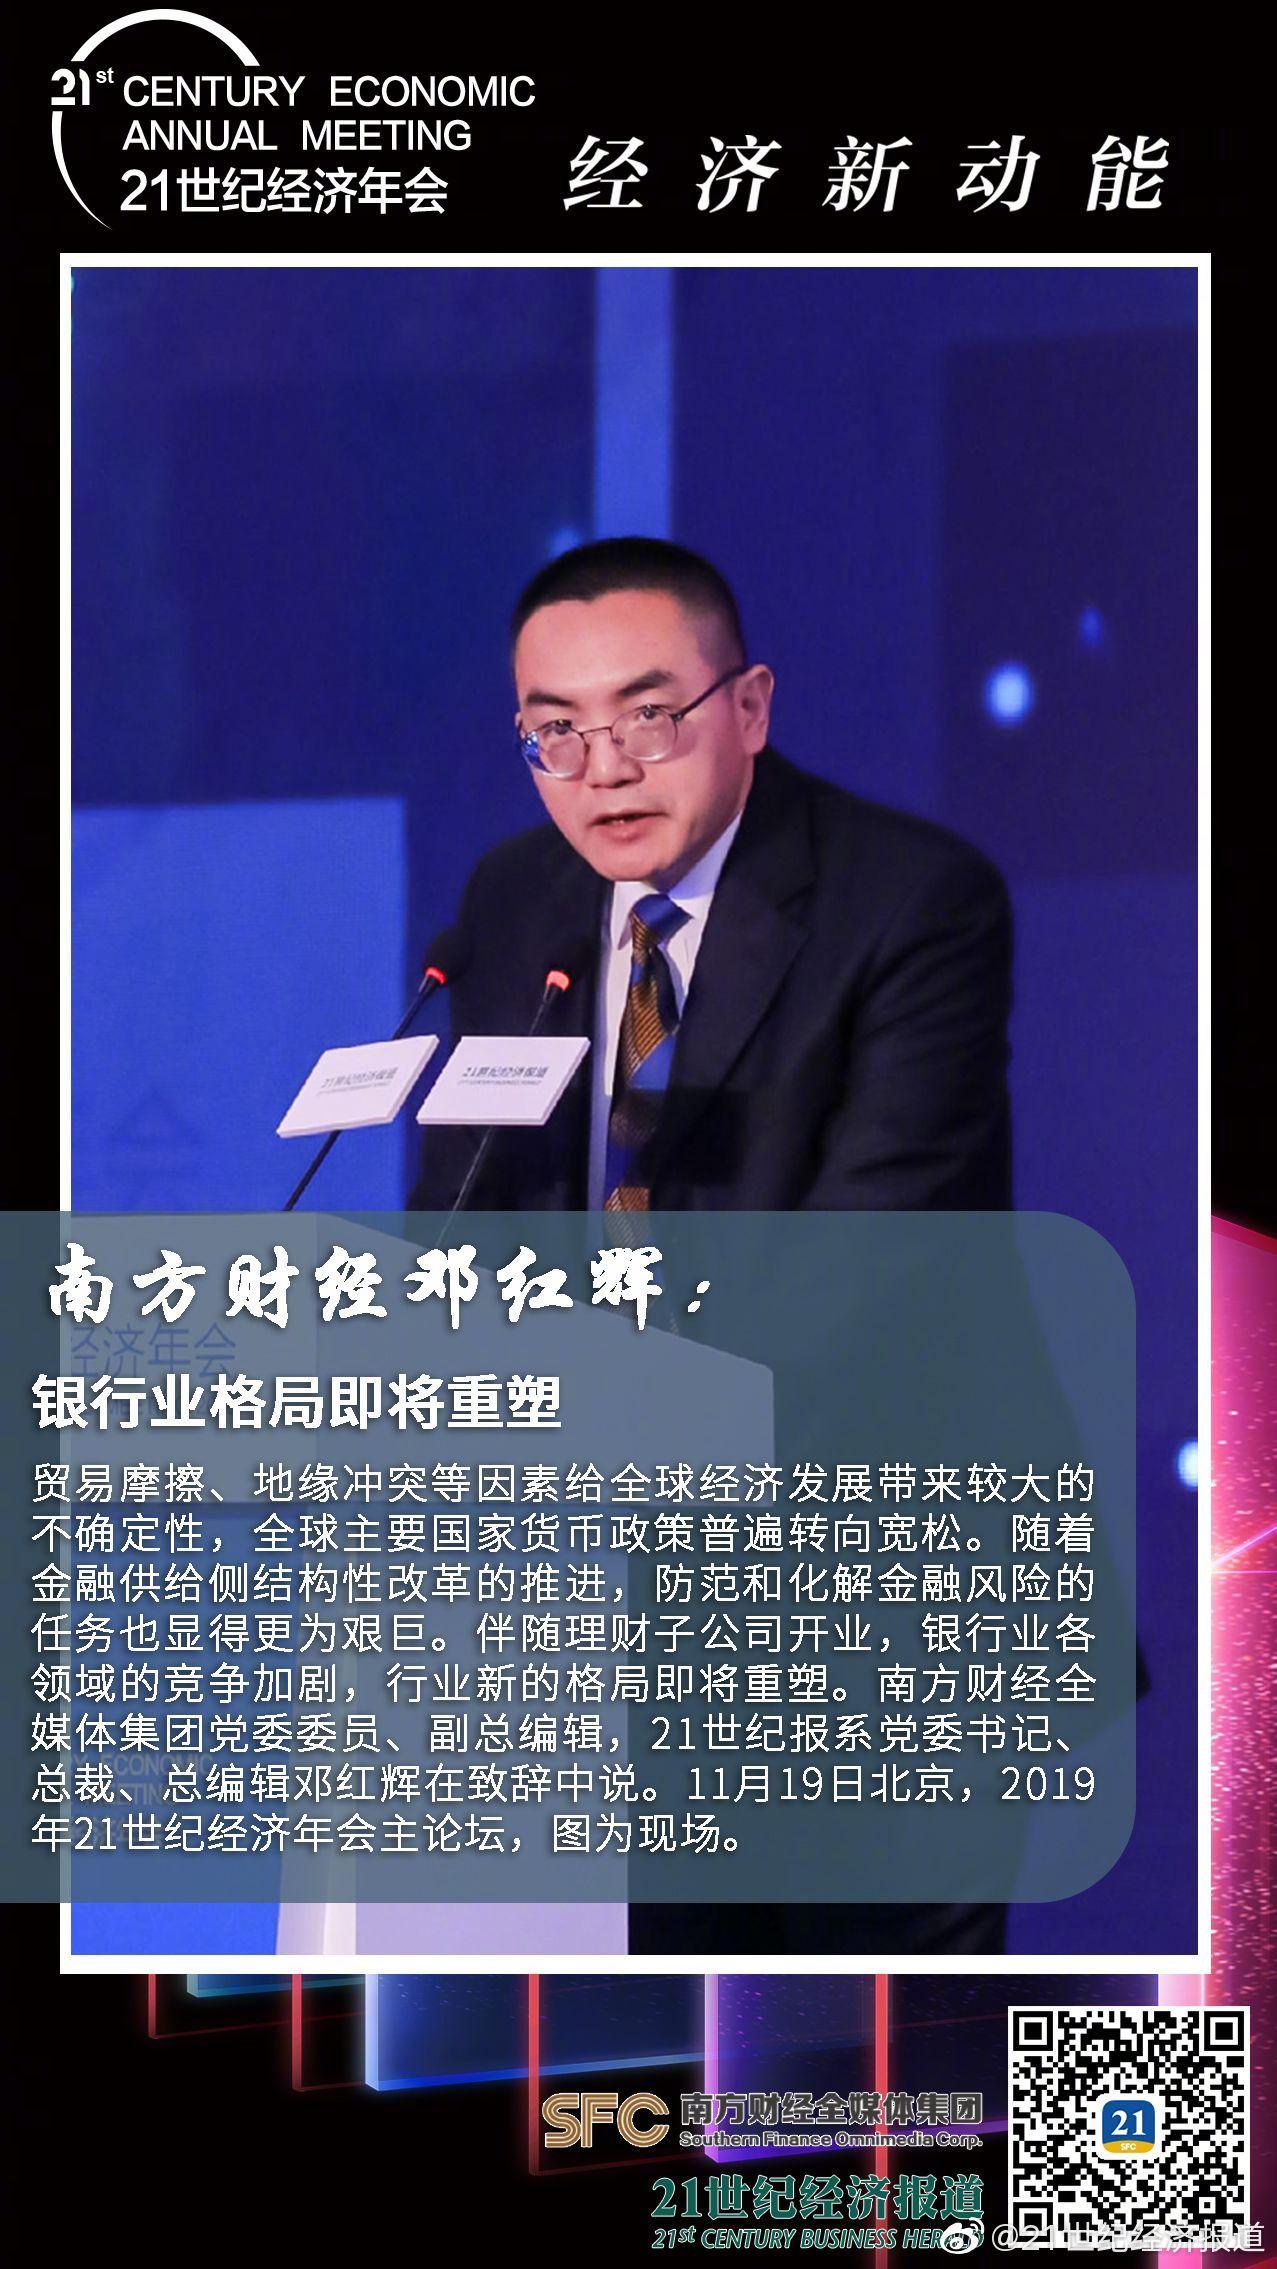 银保监会副主席黄洪、央行研究局王宇、渣打银行(中国)张晓蕾、北京